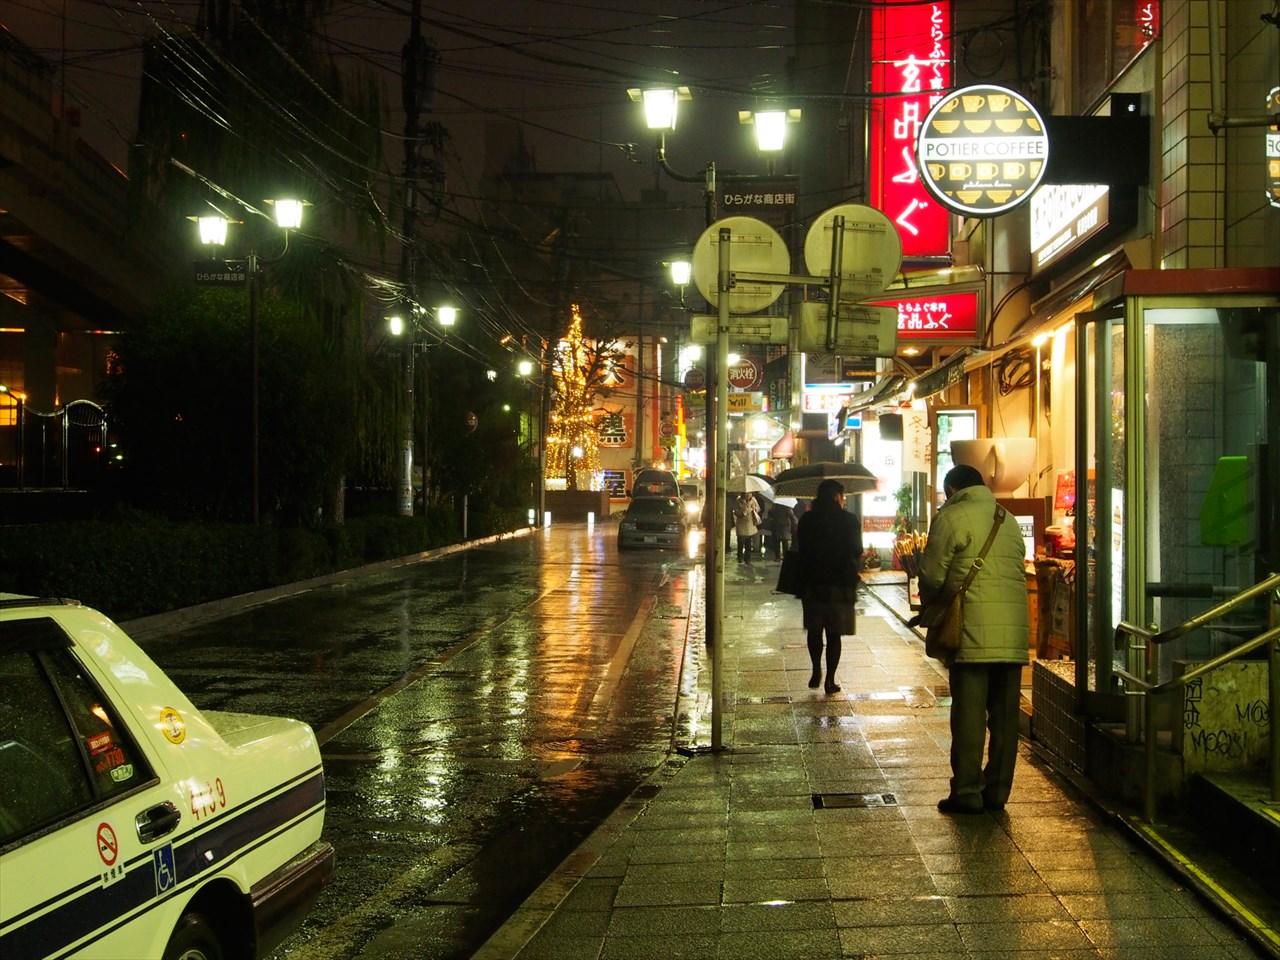 石川町駅の駅前通り(首都高側)